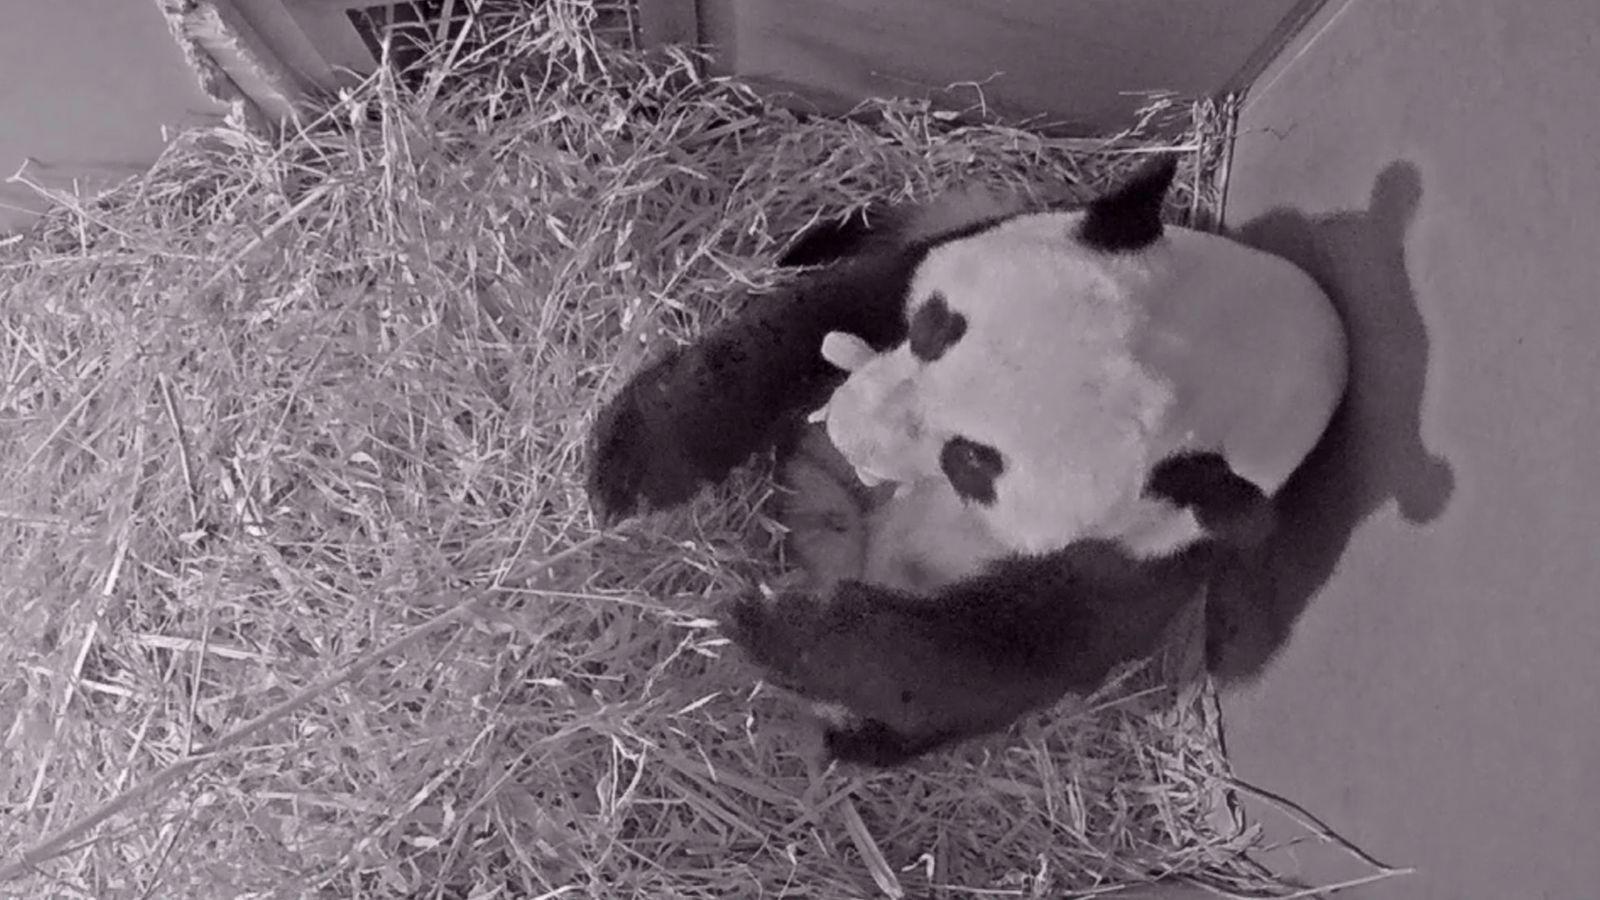 Erster Panda in Niederlanden geboren